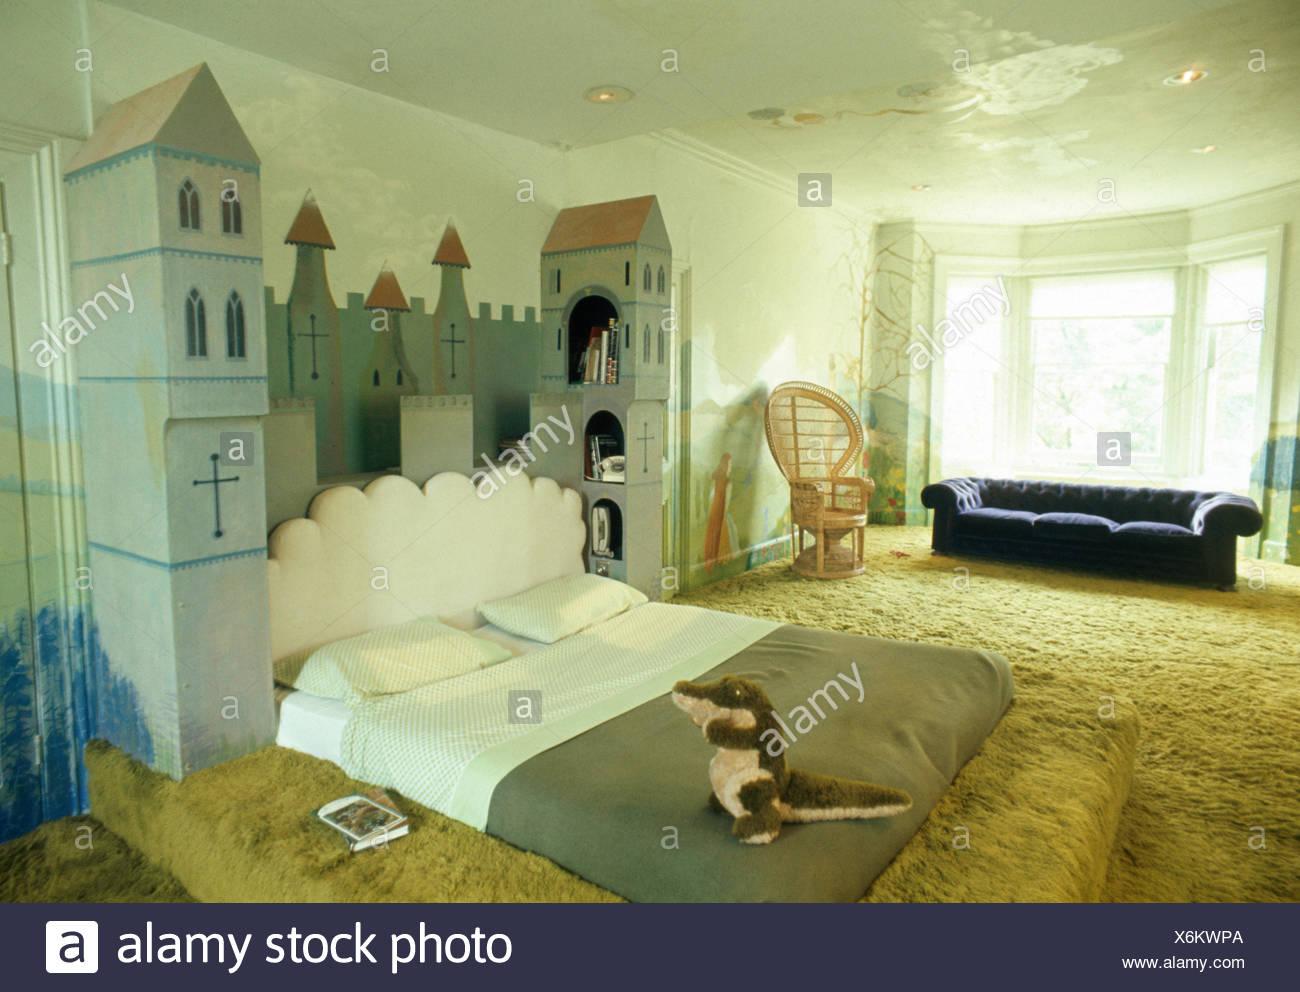 Camera Da Letto Da Bambino : Castello letto a tema nel bambino la camera da letto degli anni